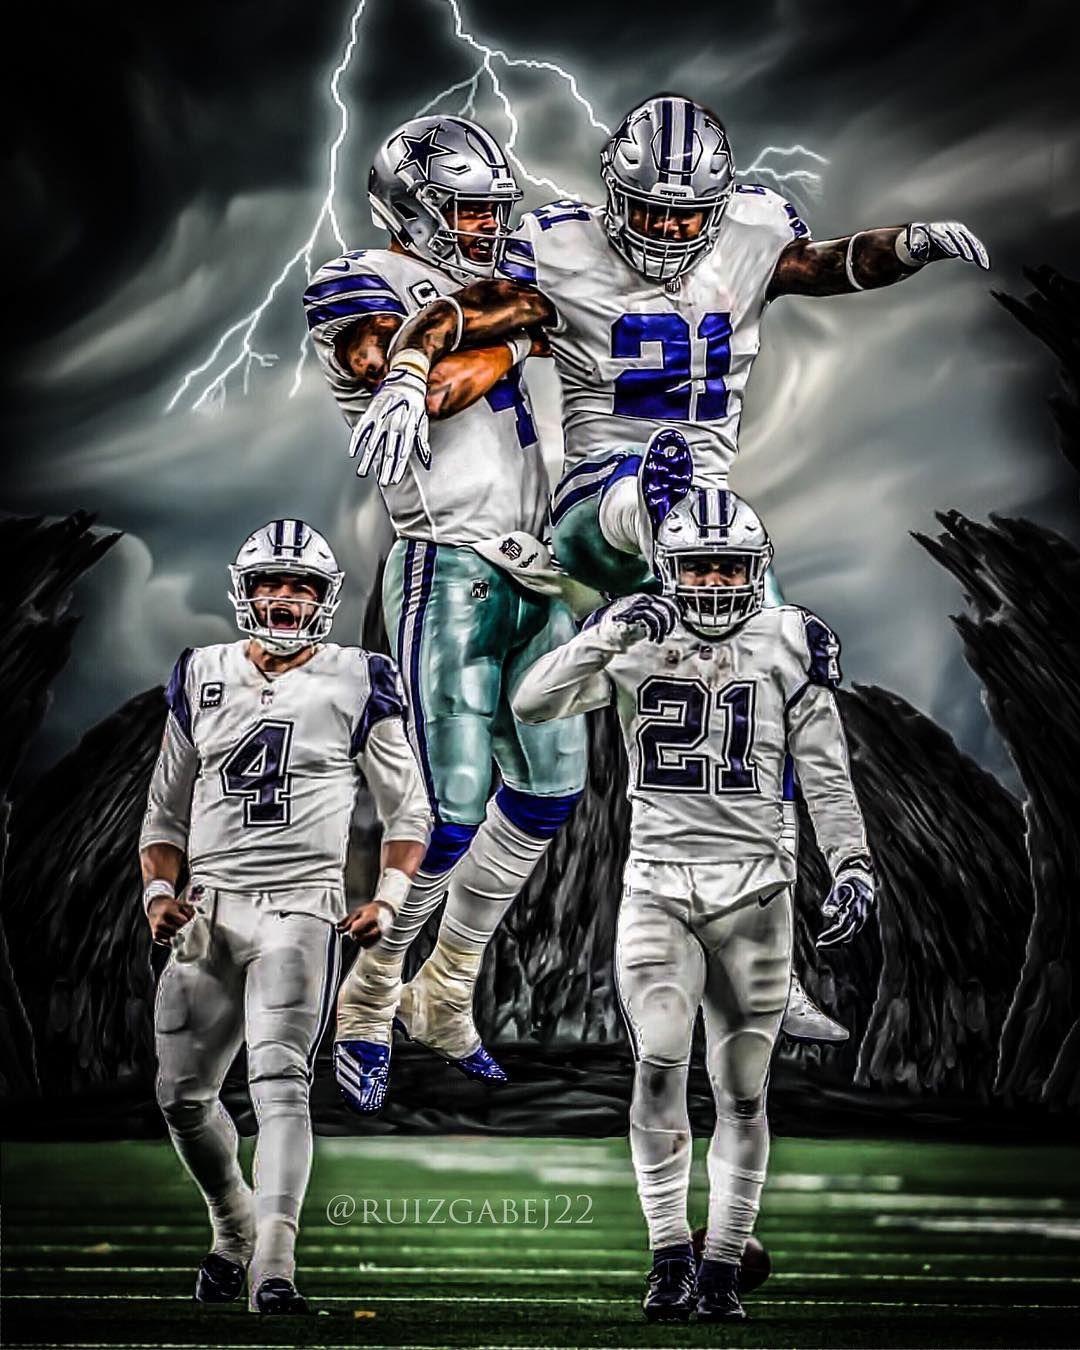 4dak Ezekielelliott Warrior Mode Dallascowboysfan Dallascowboysfootball Wedem Dallas Cowboys Wallpaper Dallas Cowboys Players Dallas Cowboys Cheerleaders